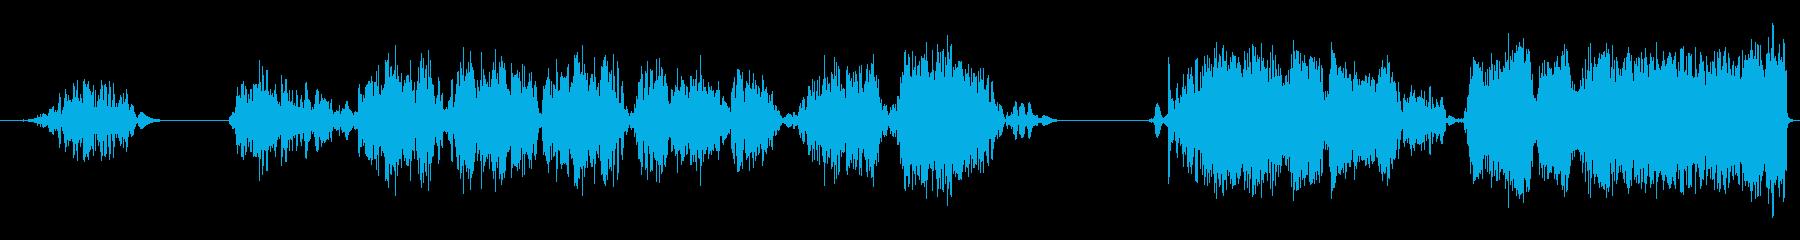 テープスクラブスワイプチャッター3の再生済みの波形